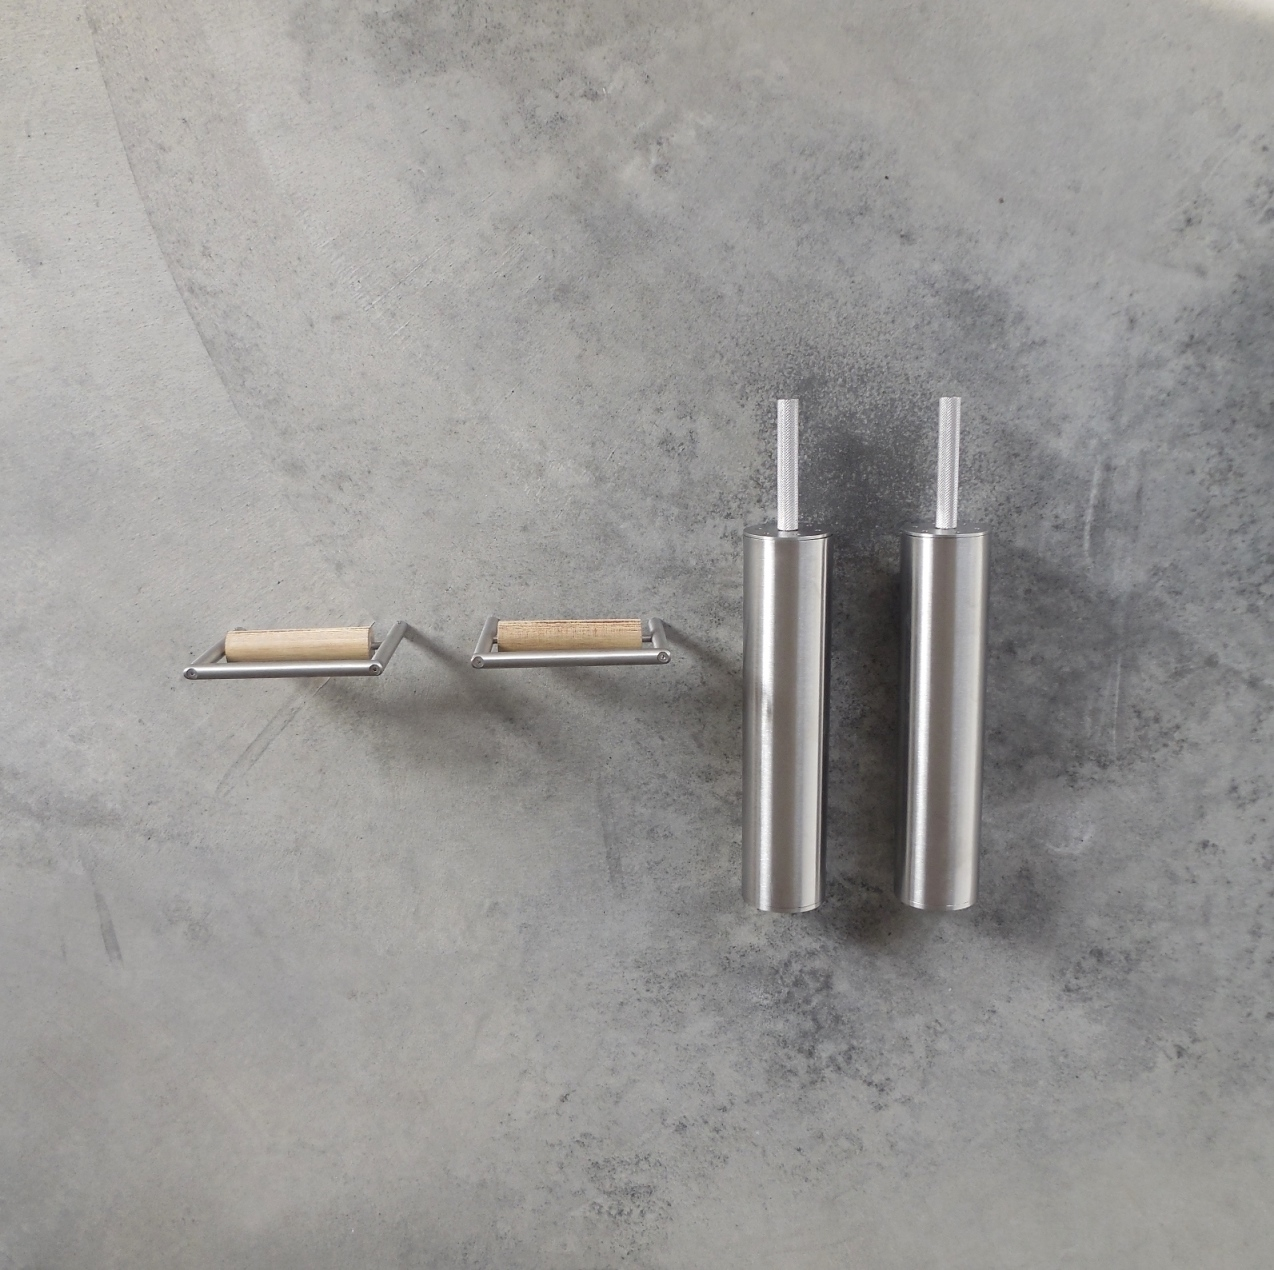 Boffi accessori bagno inox design boffi minimal porta for Accessori bagno in acciaio